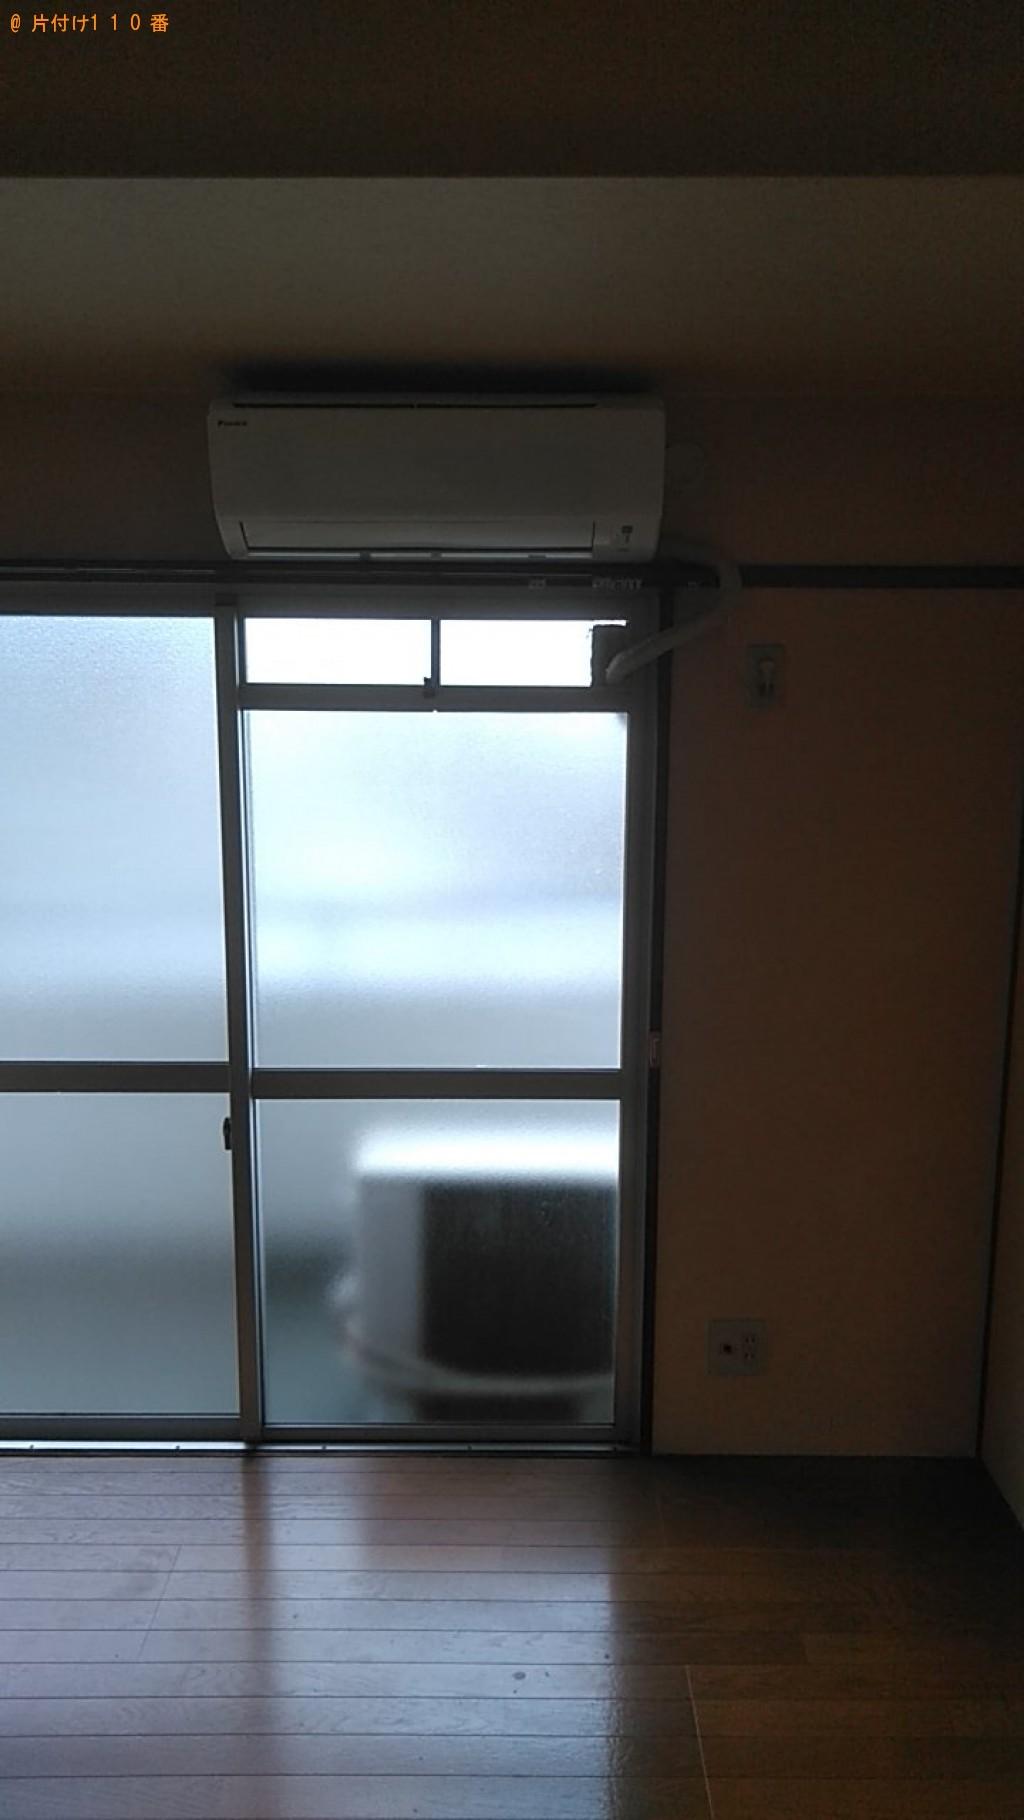 【松山市福音寺町】エアコンの取り外し回収・処分ご依頼 お客様の声